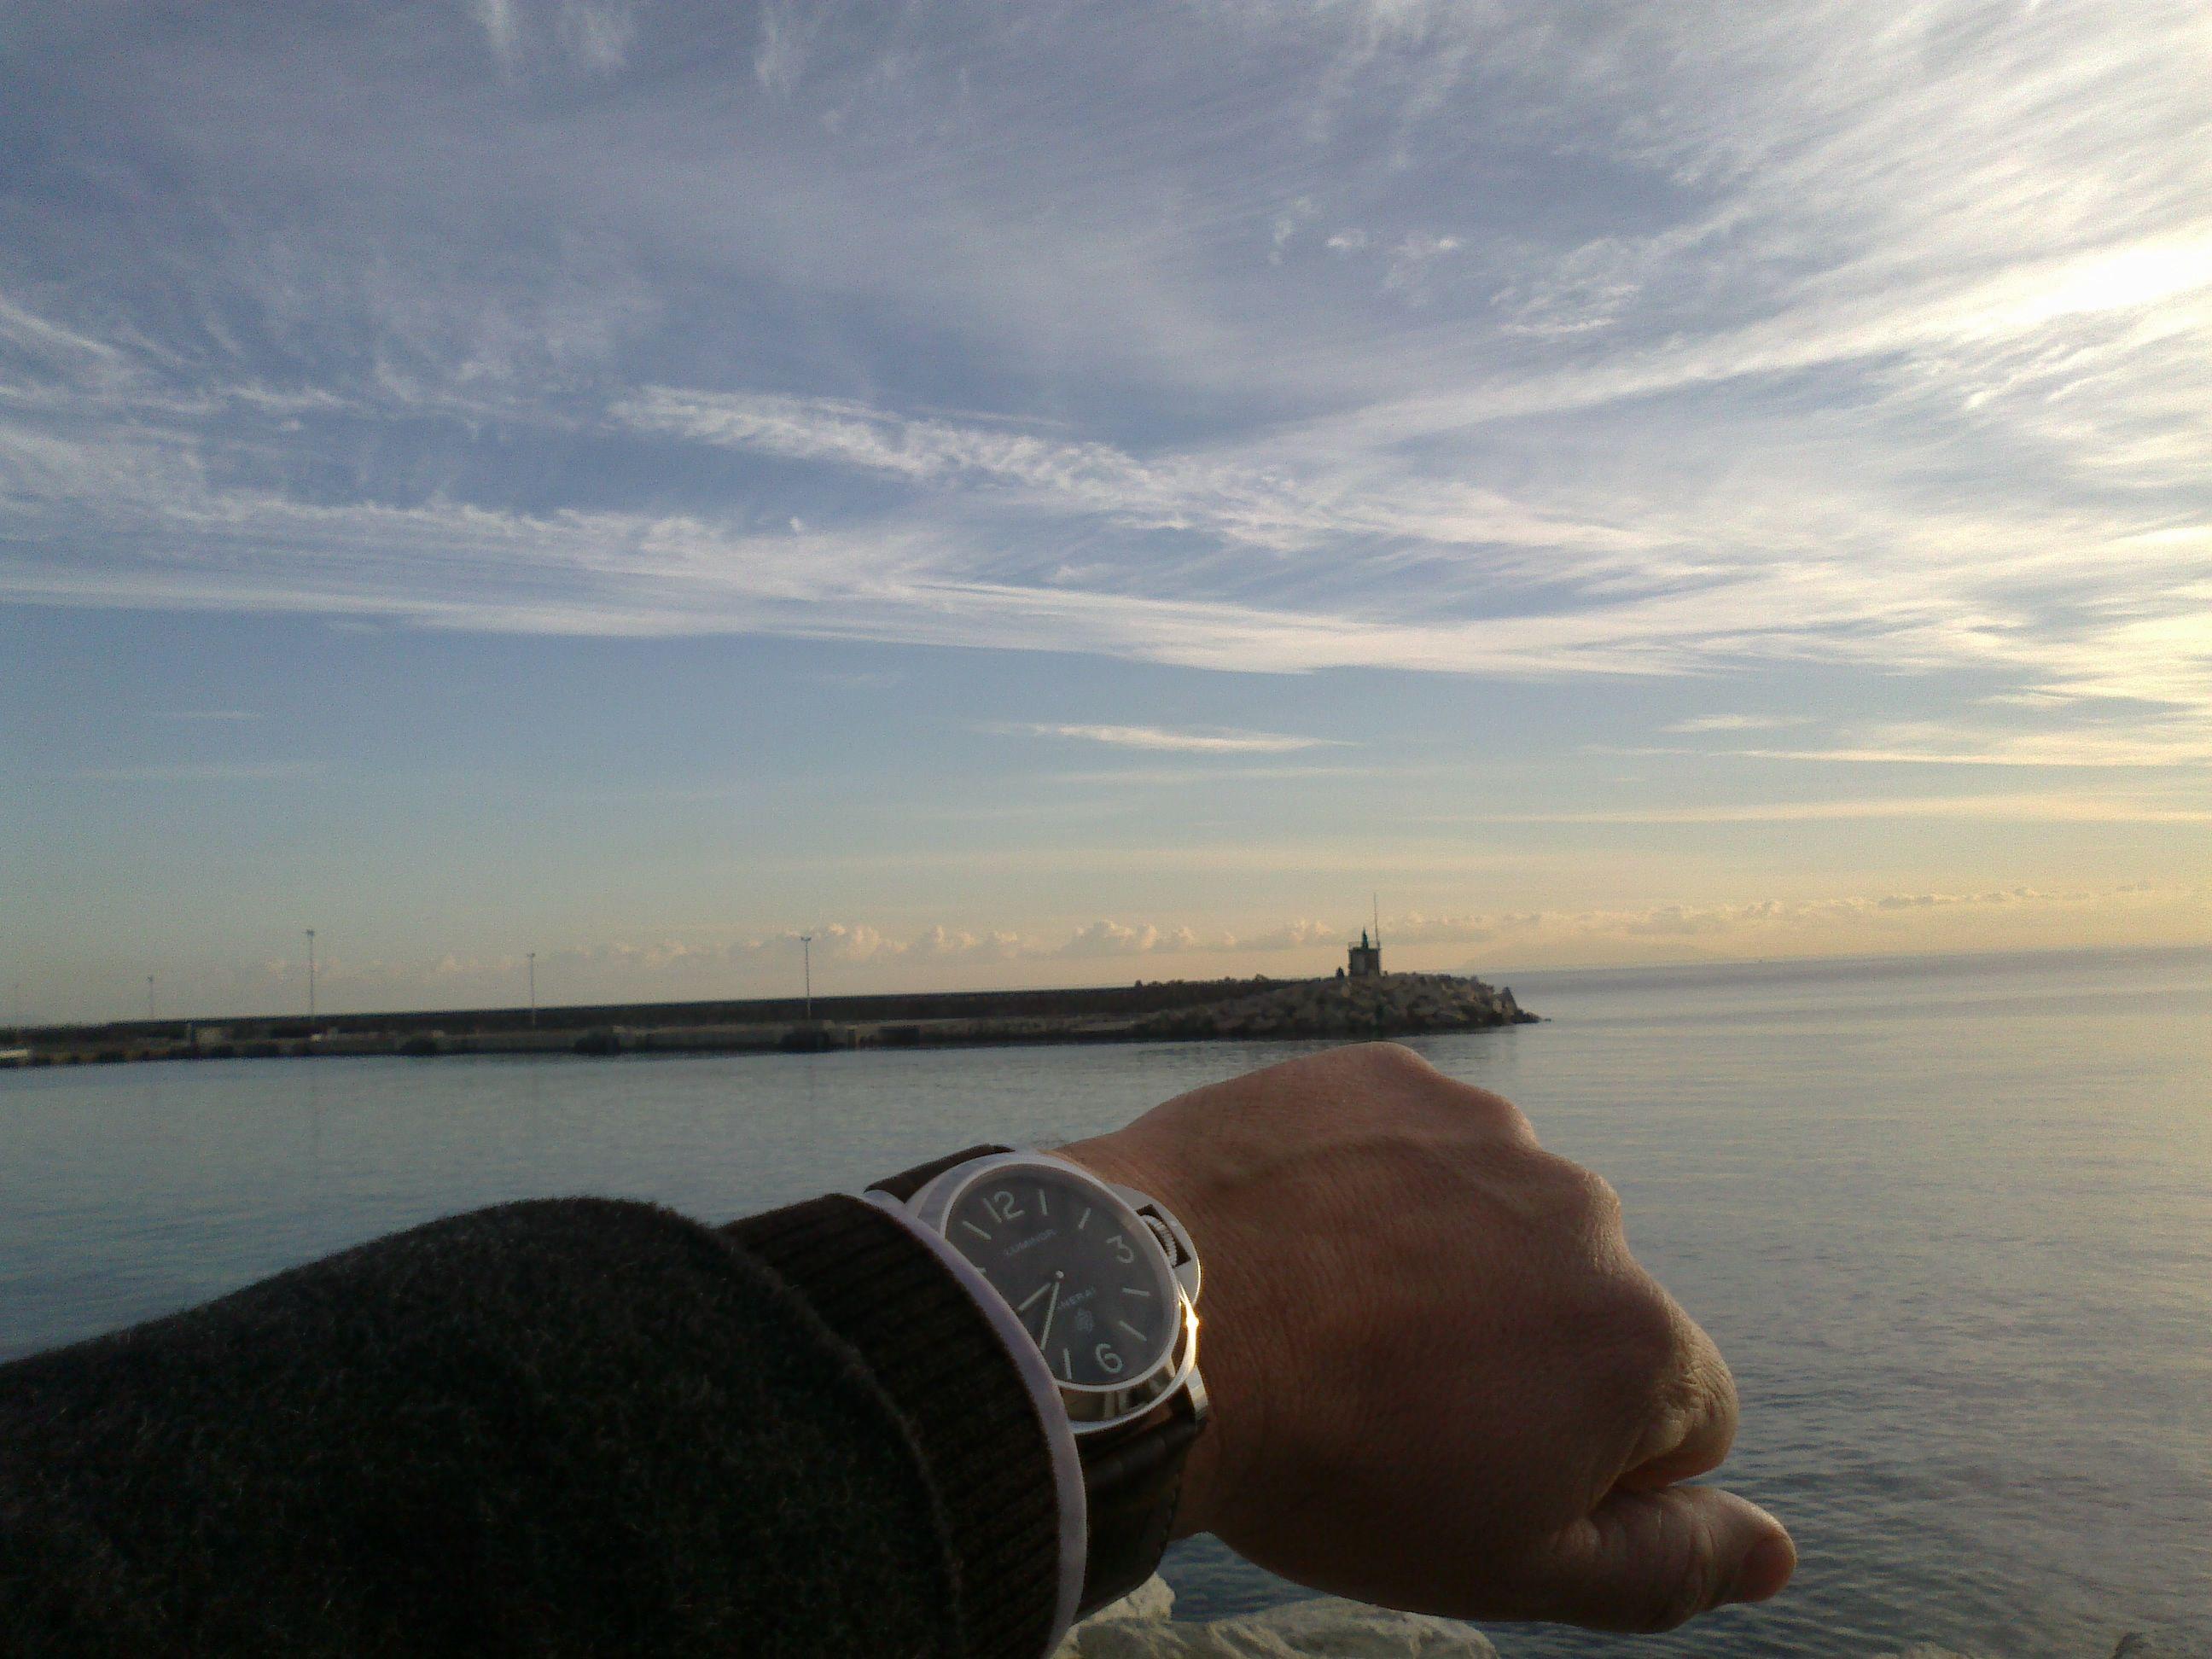 La montre du vendredi 17 février 2012 Photospeed003